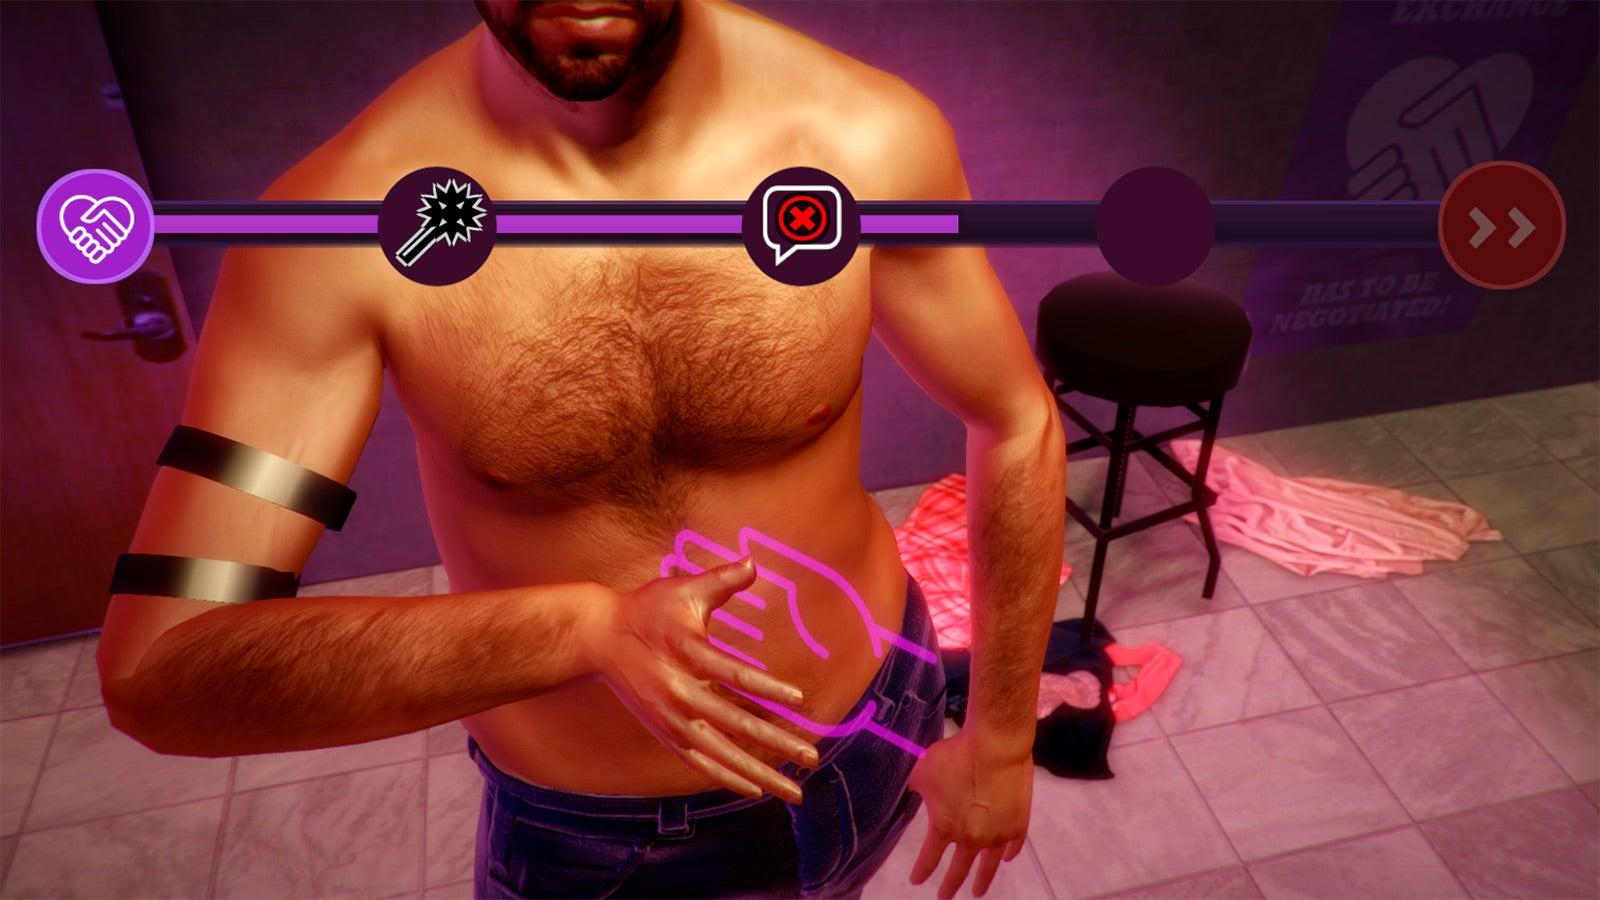 sex games on steam